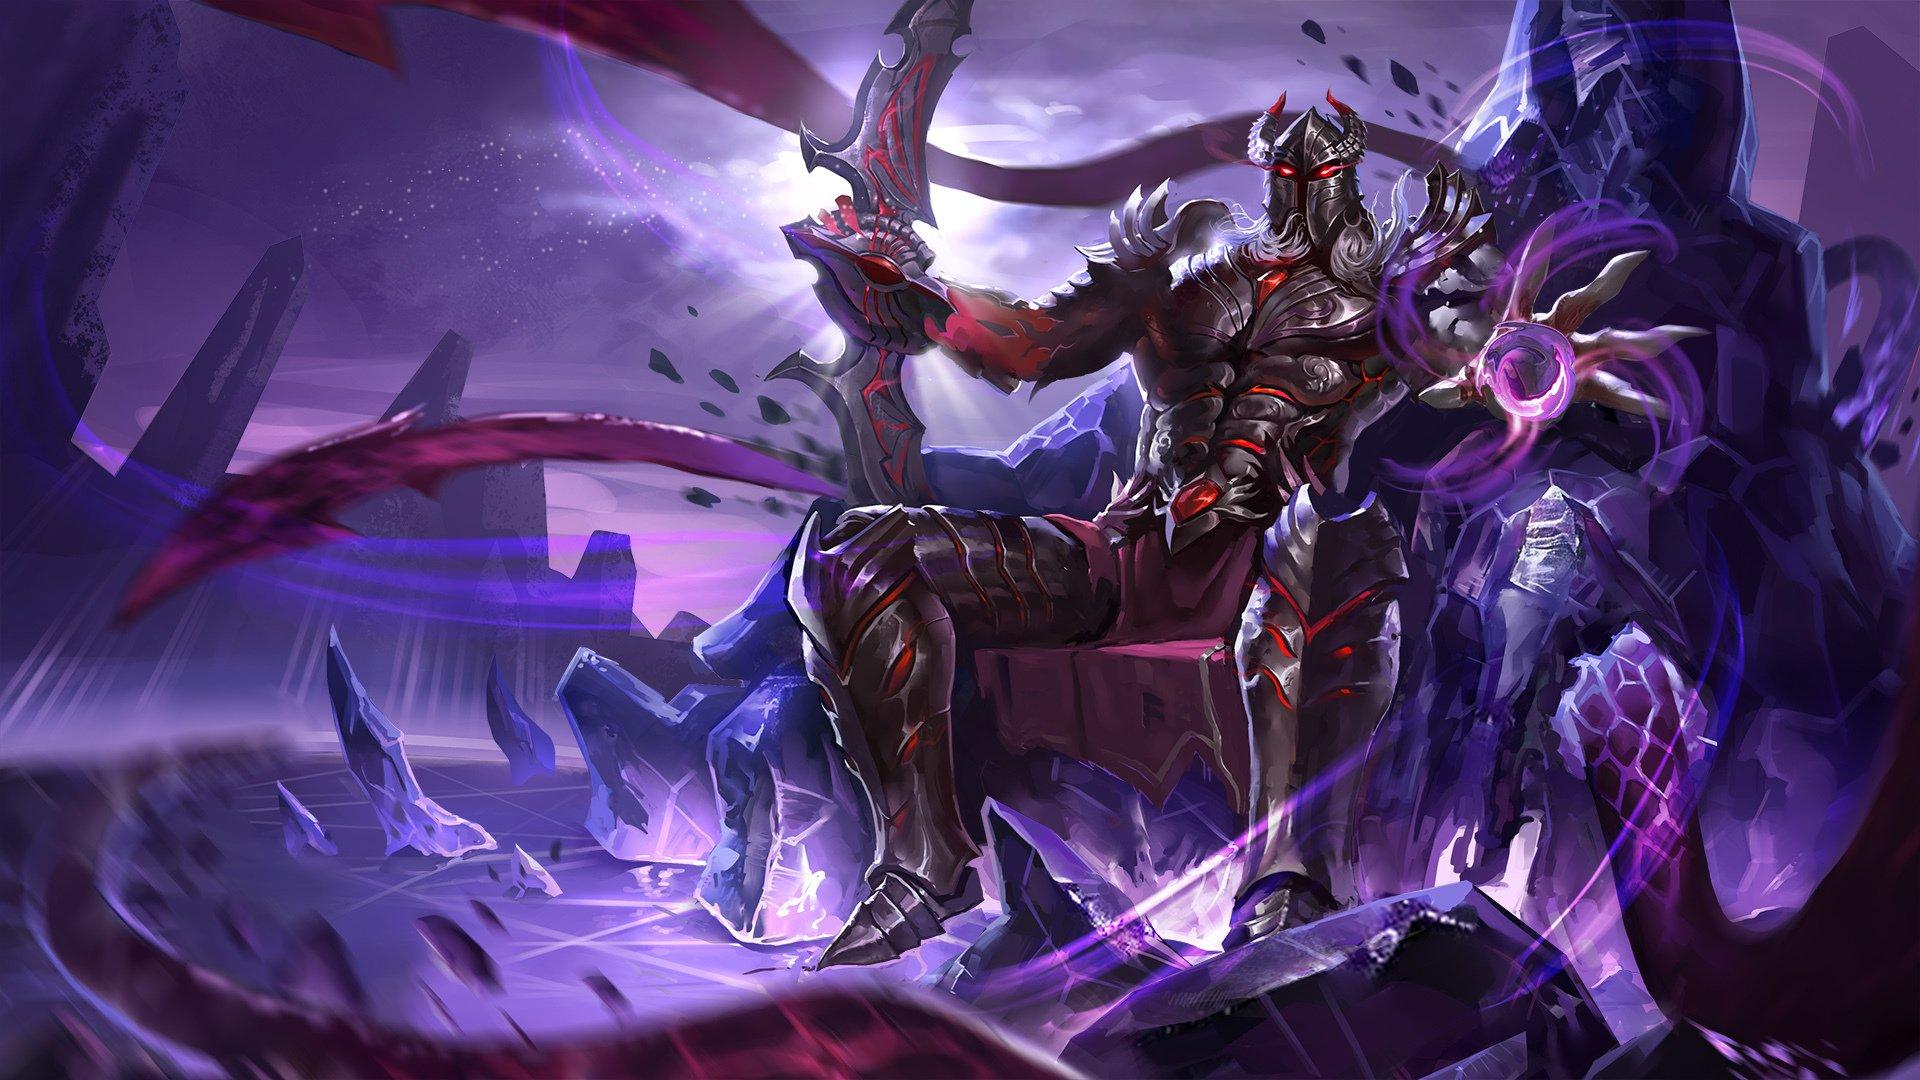 Wallpaper iphone rov - Video Game Heroes Of Newerth Magebane Heroes Of Newerth Warrior Armor Wallpaper